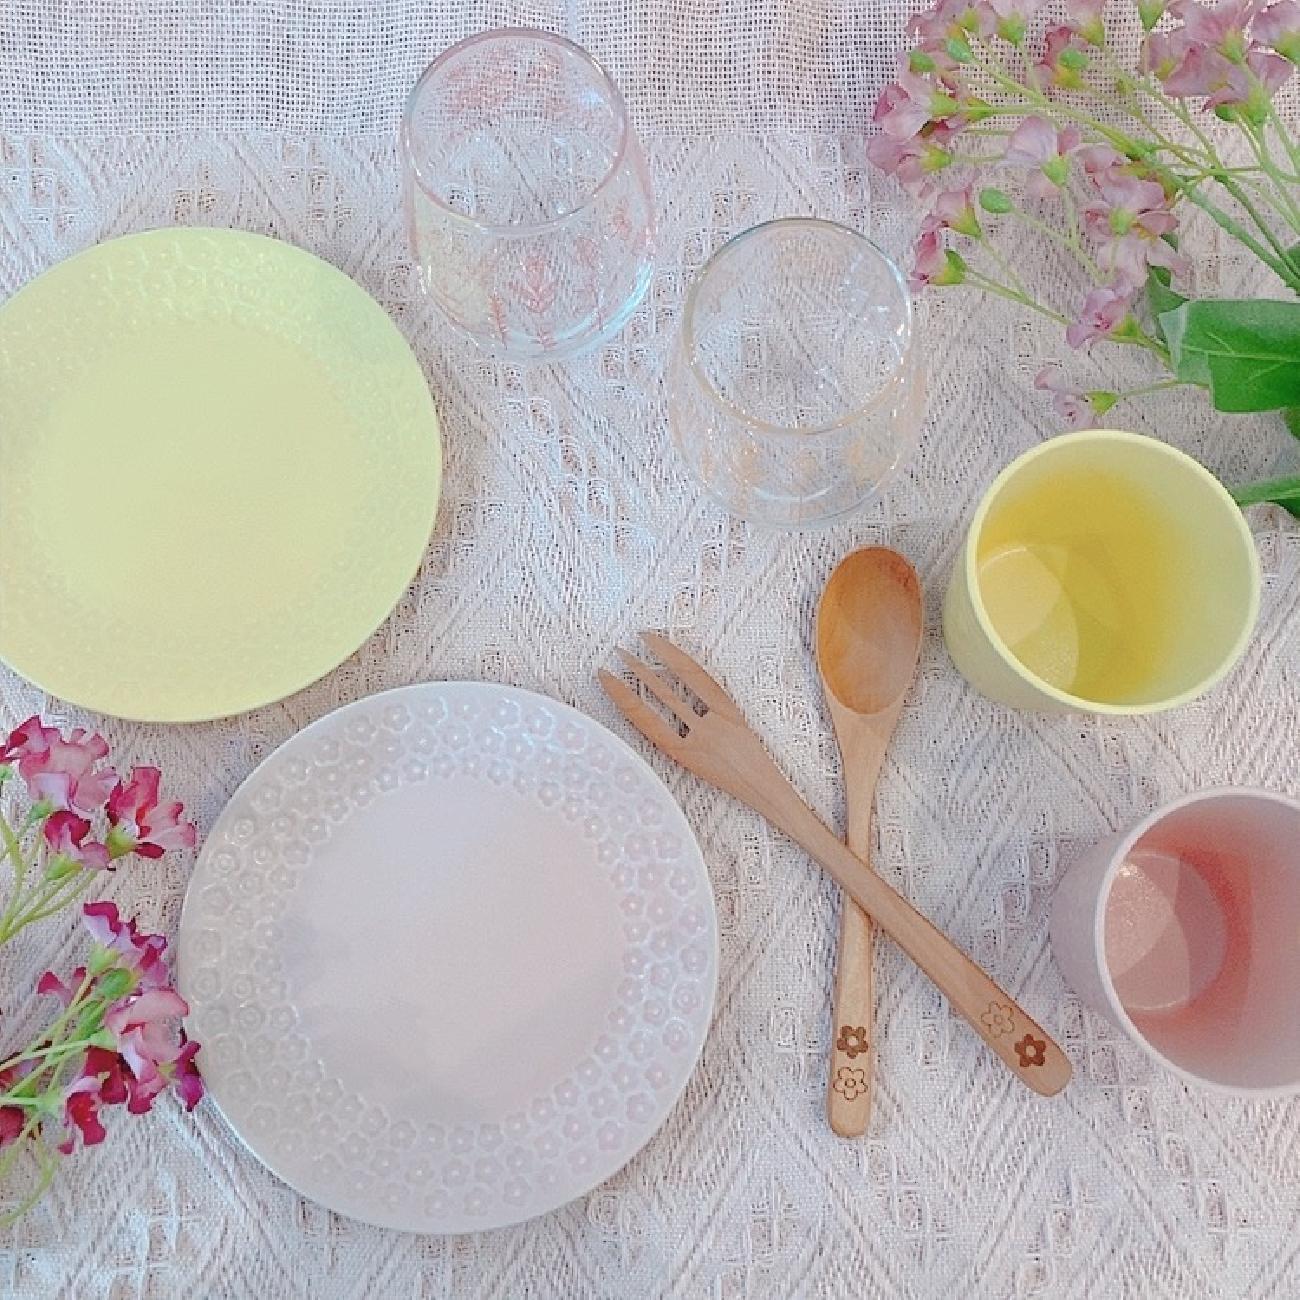 食器/可愛い/春色/お花/花/華やか/食卓/食器マニア/食器好き/食器集め/ご飯/ご飯の時間